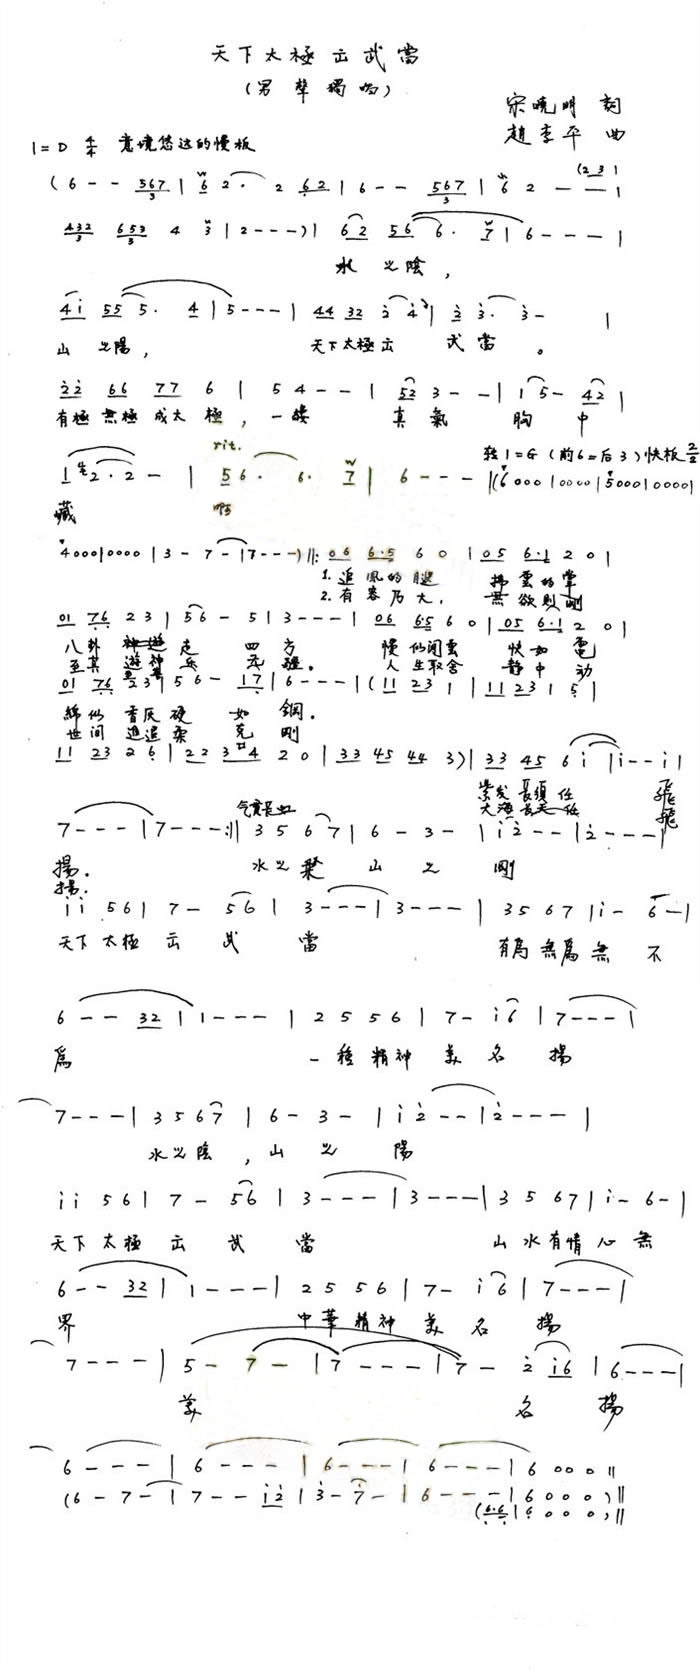 武当太极之歌-天下太极出武当的歌谱